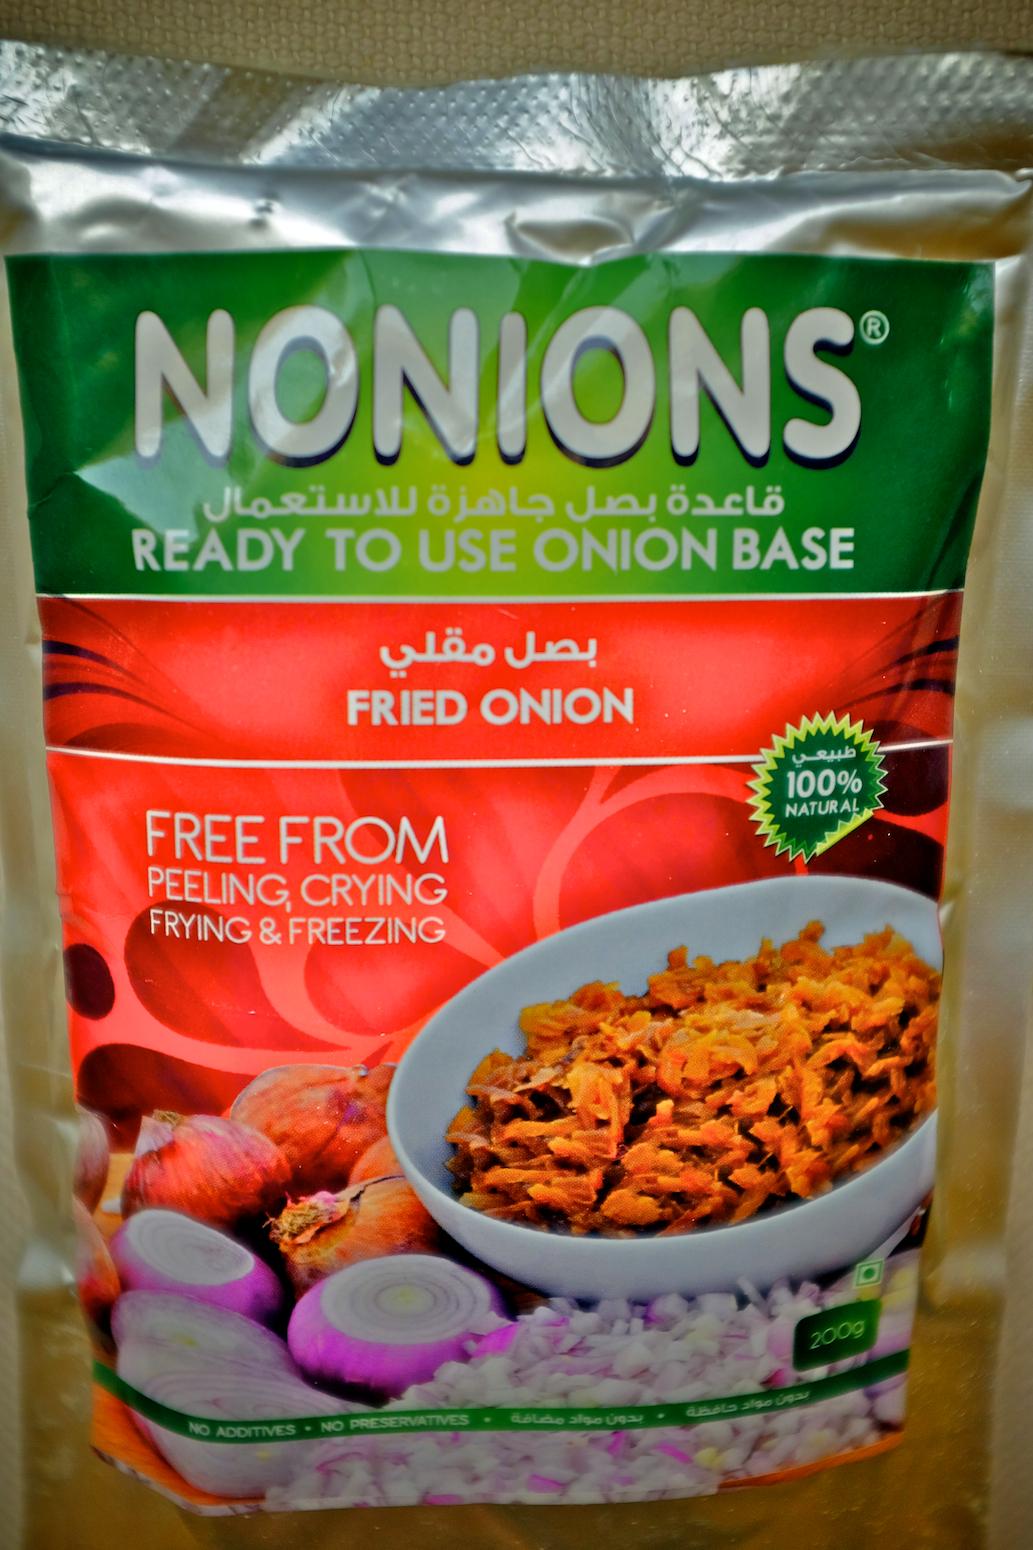 Nonions